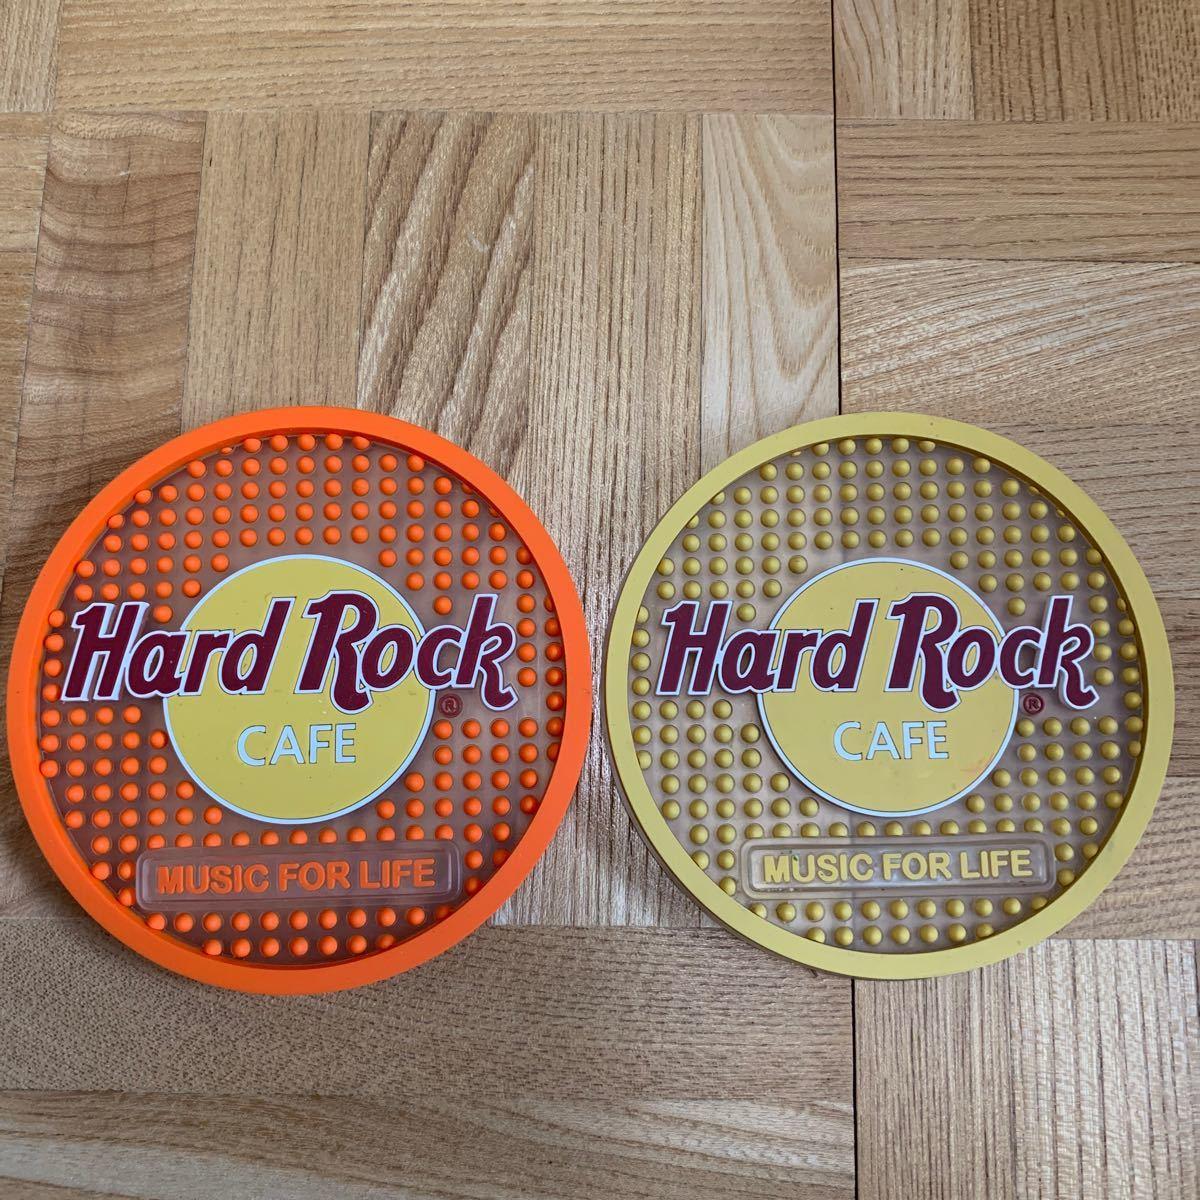 ハードロックカフェ Hard Rock Cafe コースター 2枚